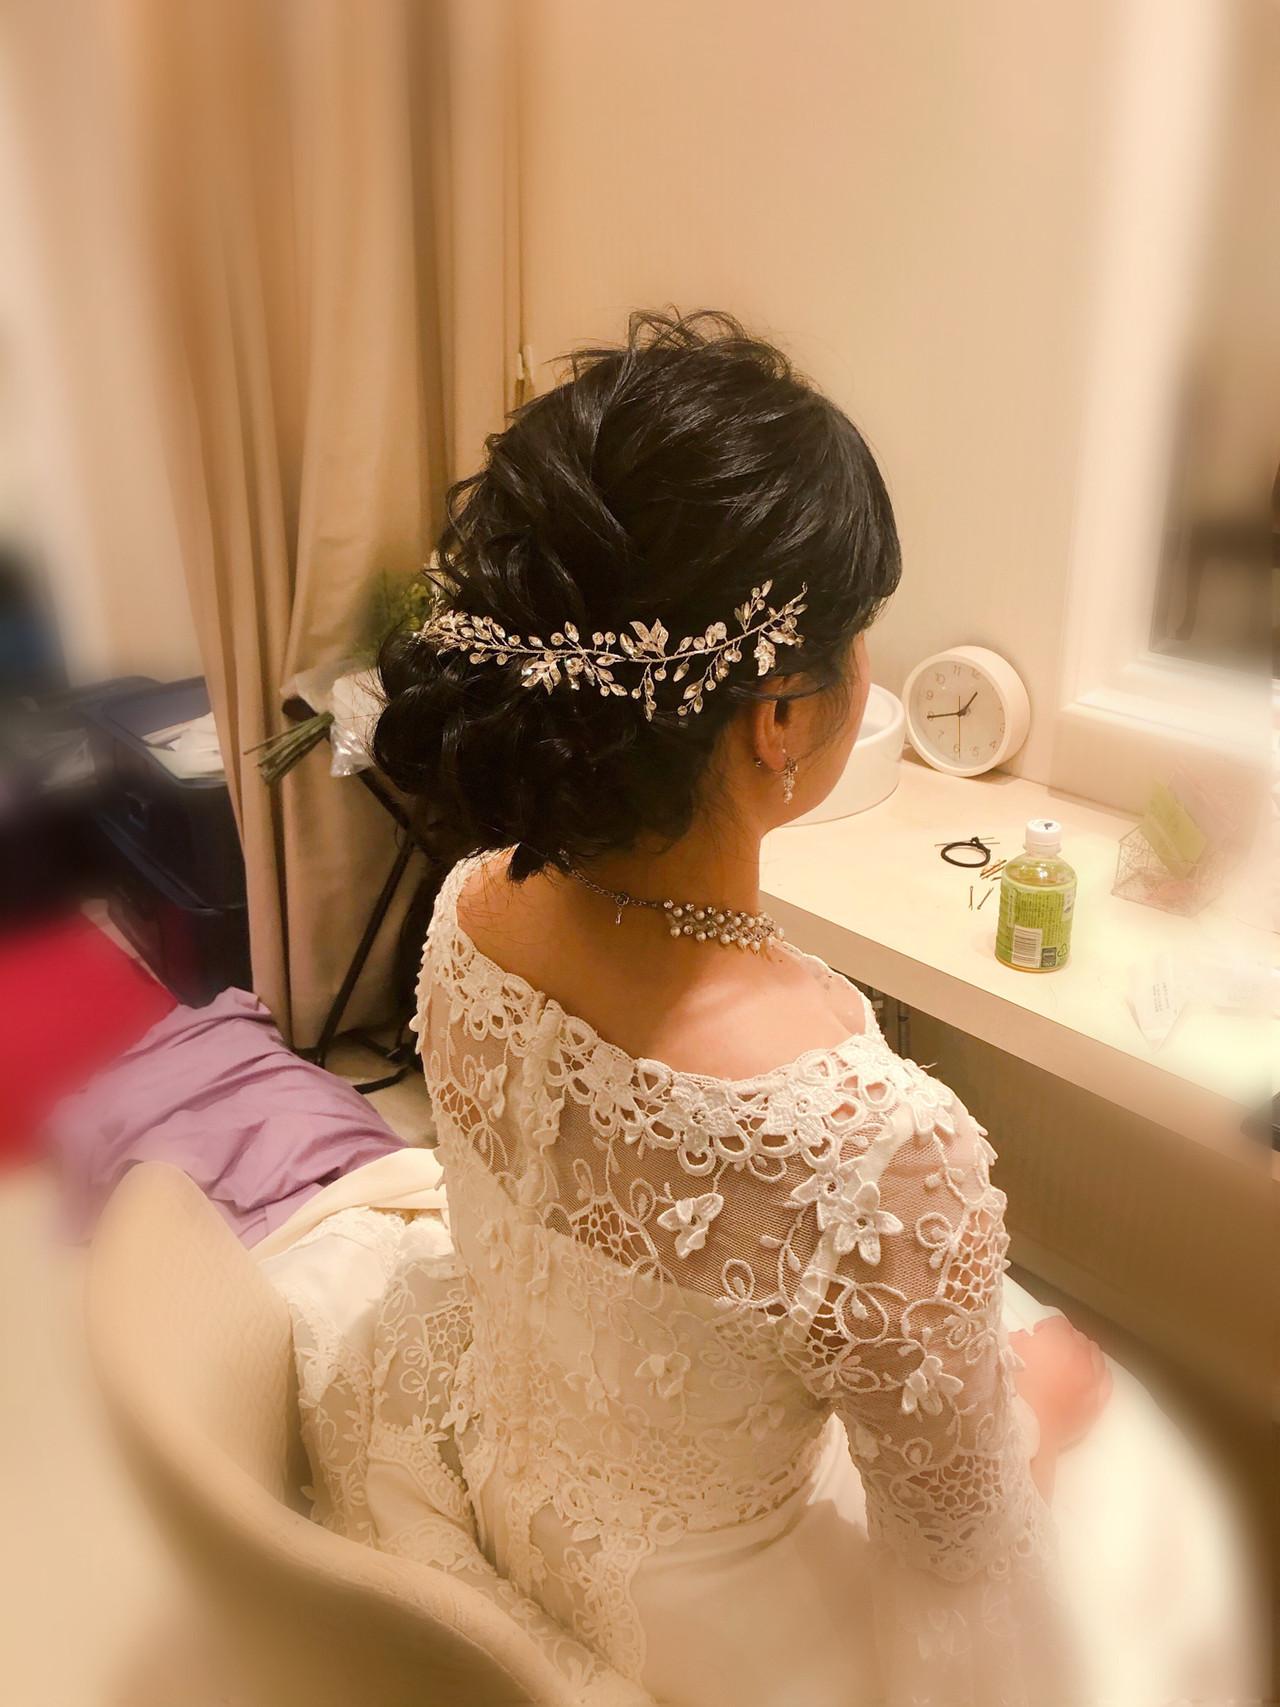 ねじり ヘアセット ブライダル 結婚式ヘアスタイルや髪型の写真・画像